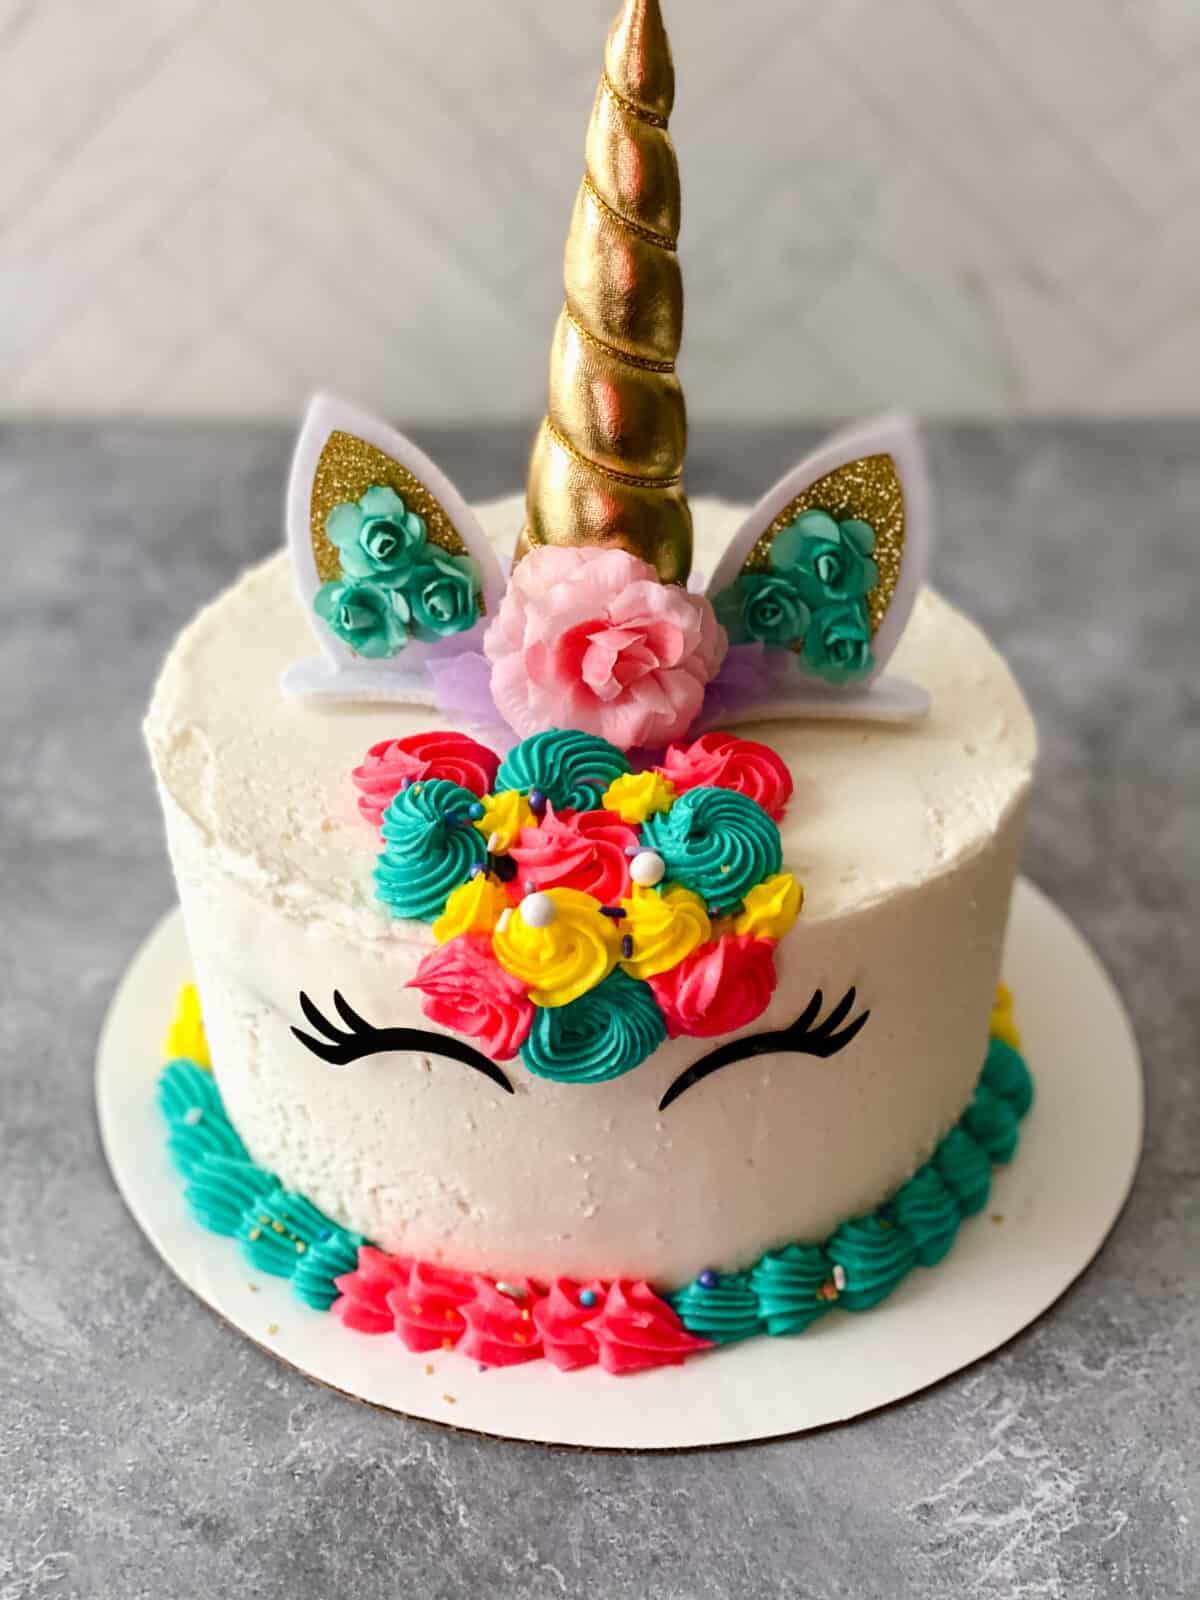 completed unicorn rainbow cake unsliced